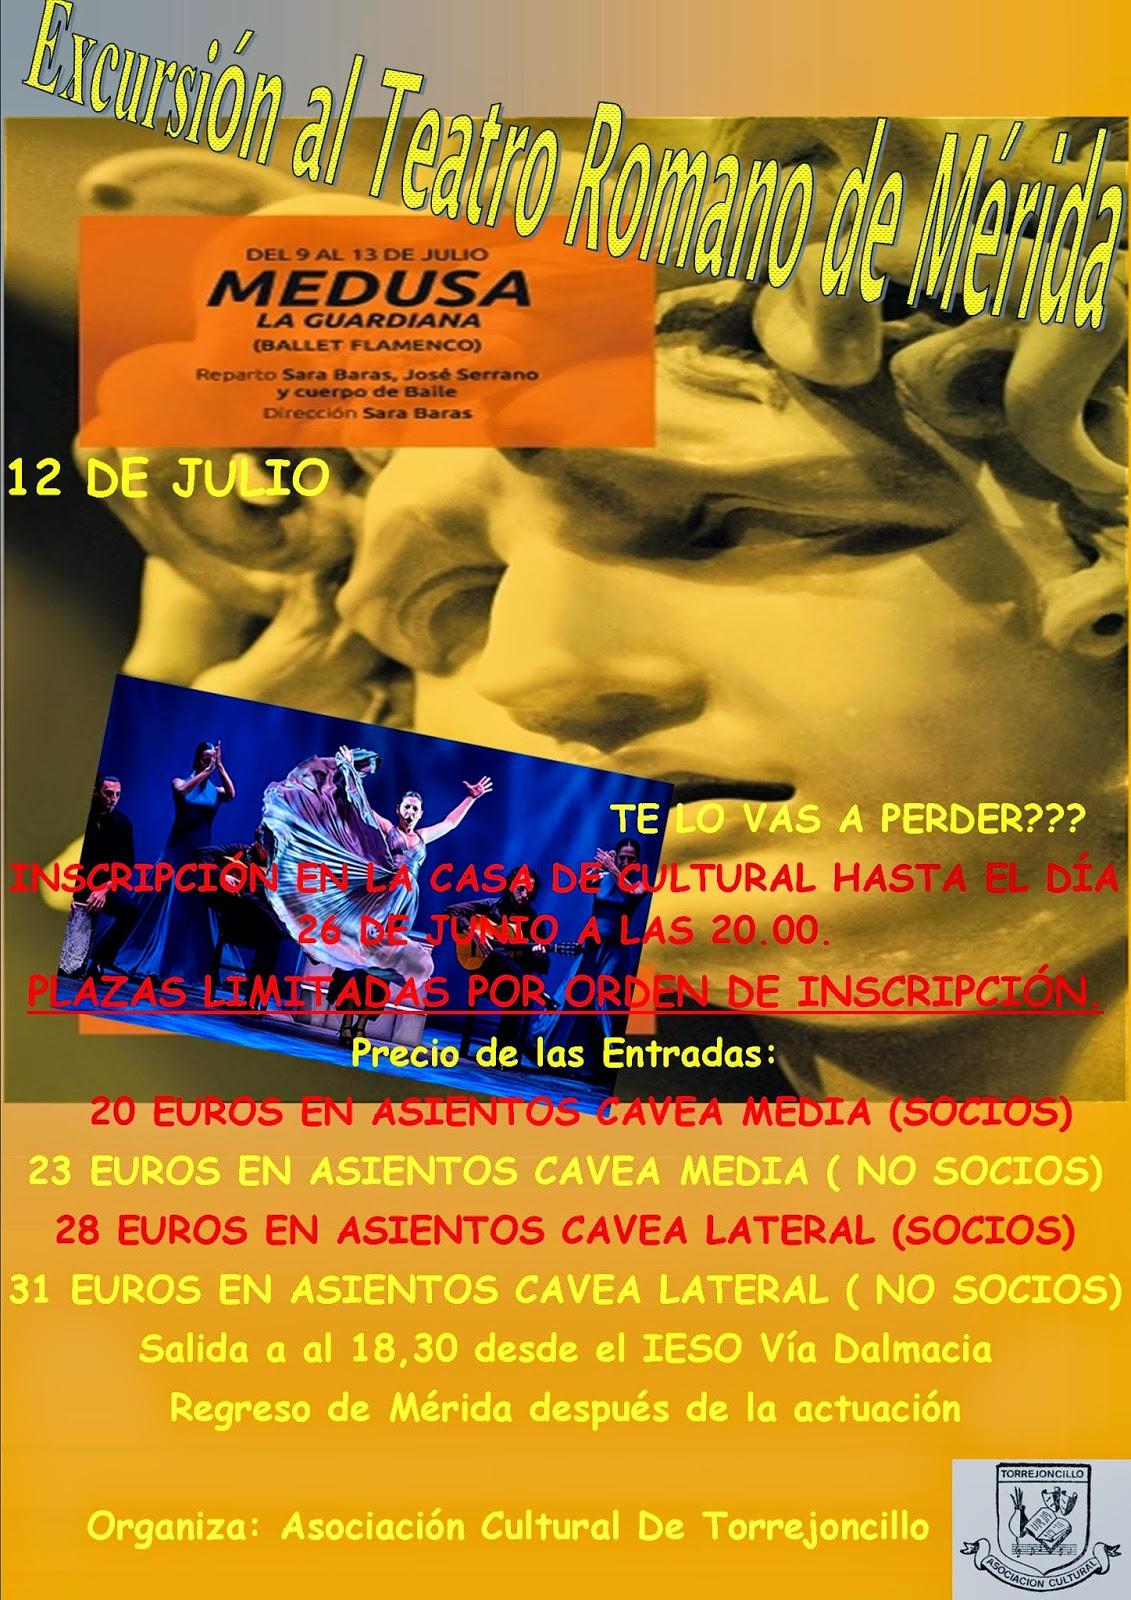 Excursión al Teatro Romano de Mérida